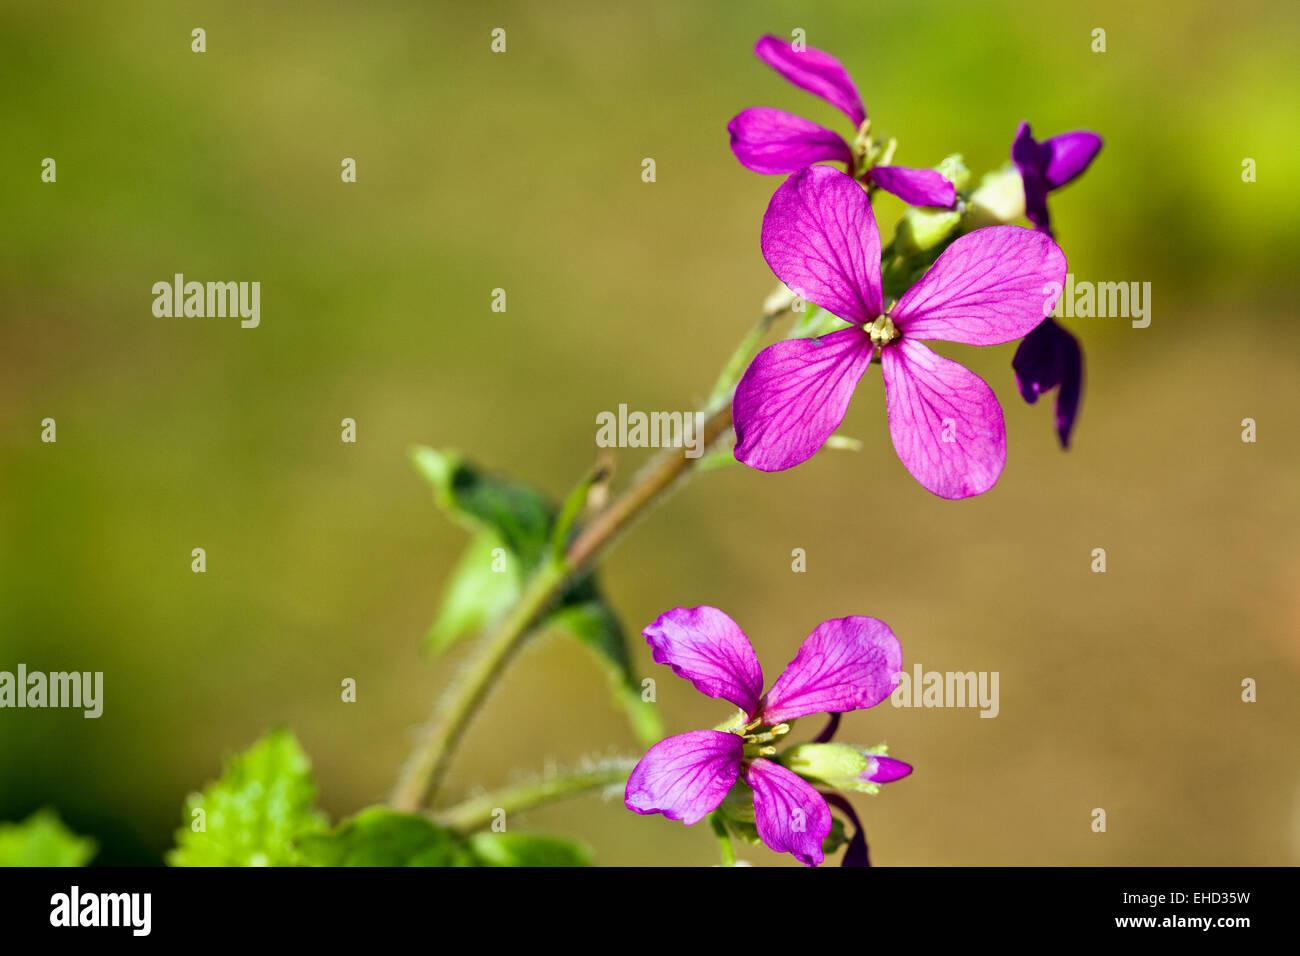 Honesty (Lunaria annua) Spring wildflower - Stock Image